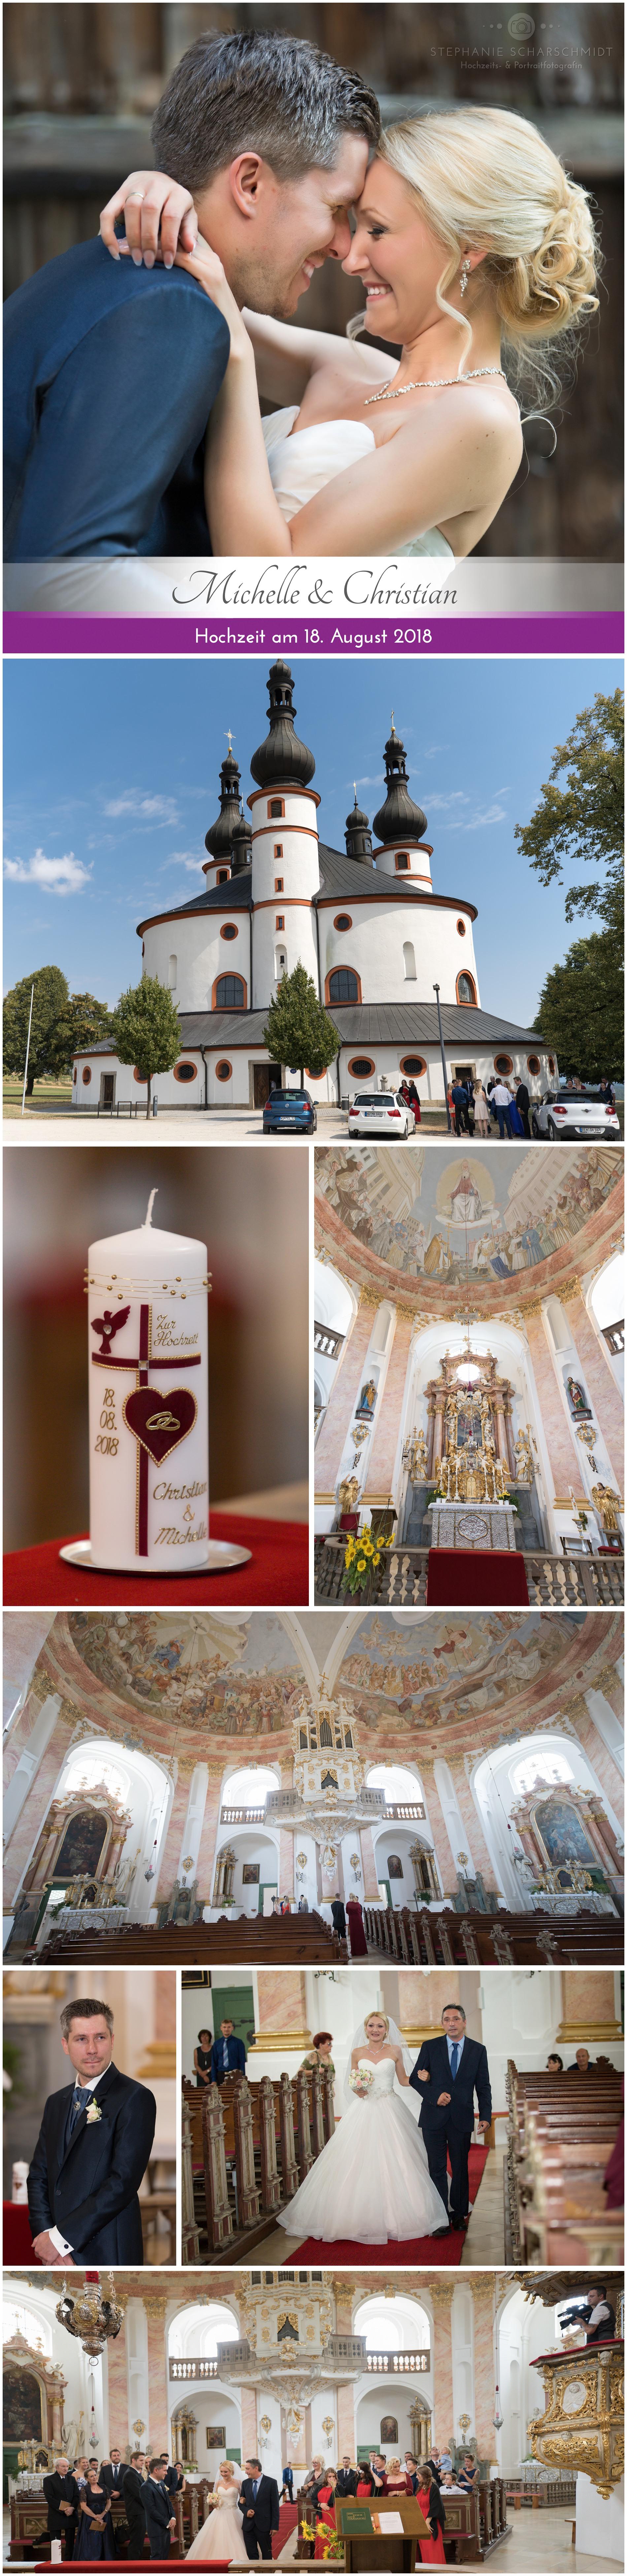 1. Hochzeitsfotograf Fichtelgebirge – Hochzeitsfotograf Stephanie Scharschmidt